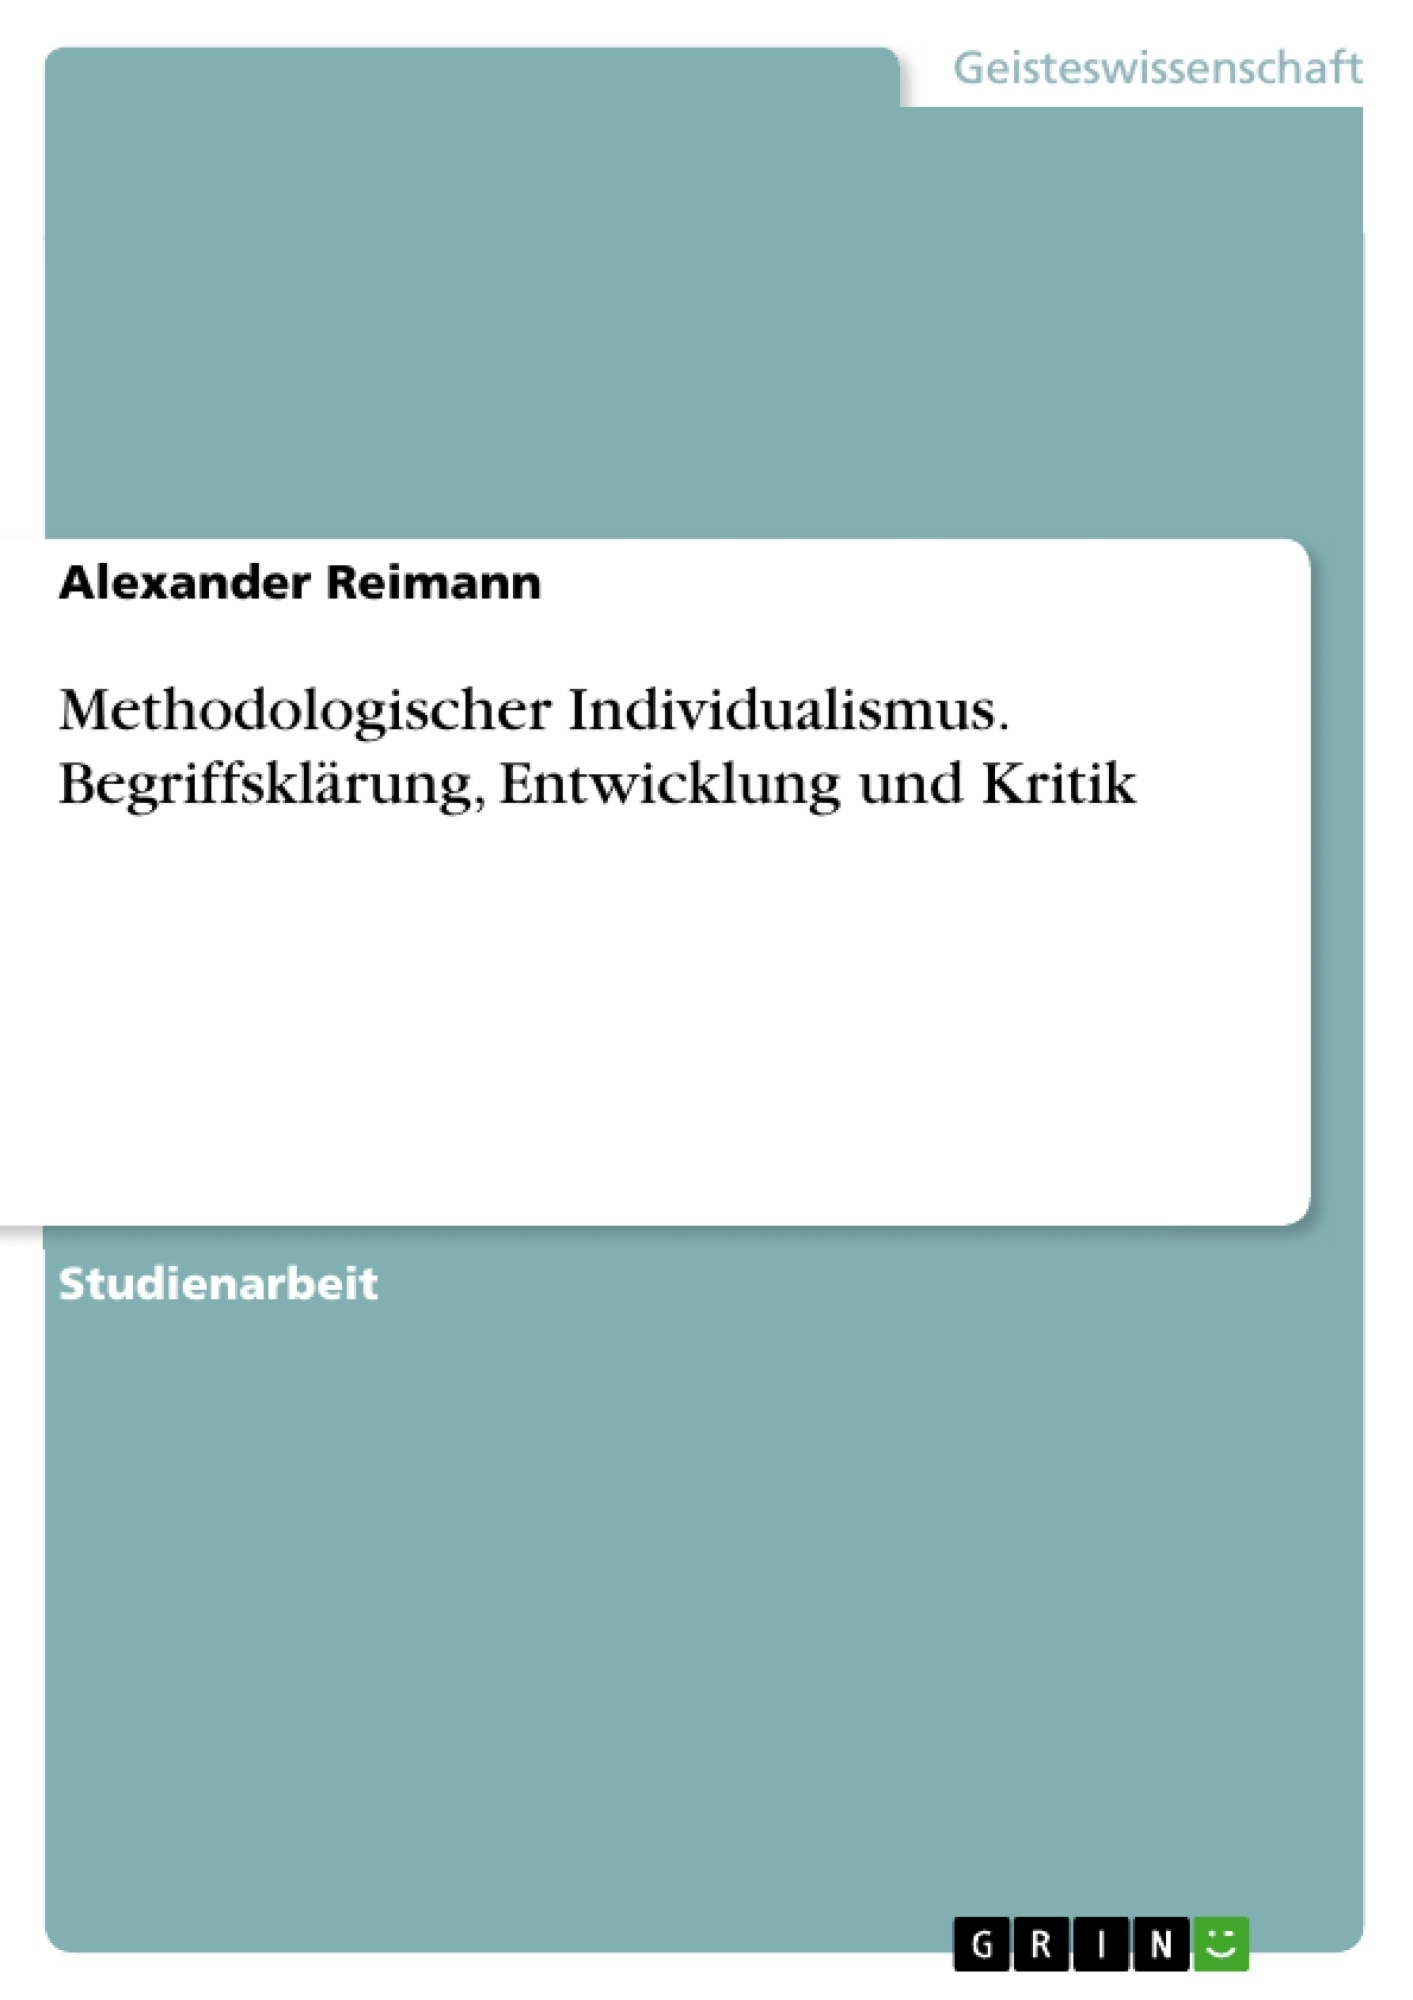 Titel: Methodologischer Individualismus. Begriffsklärung, Entwicklung und Kritik